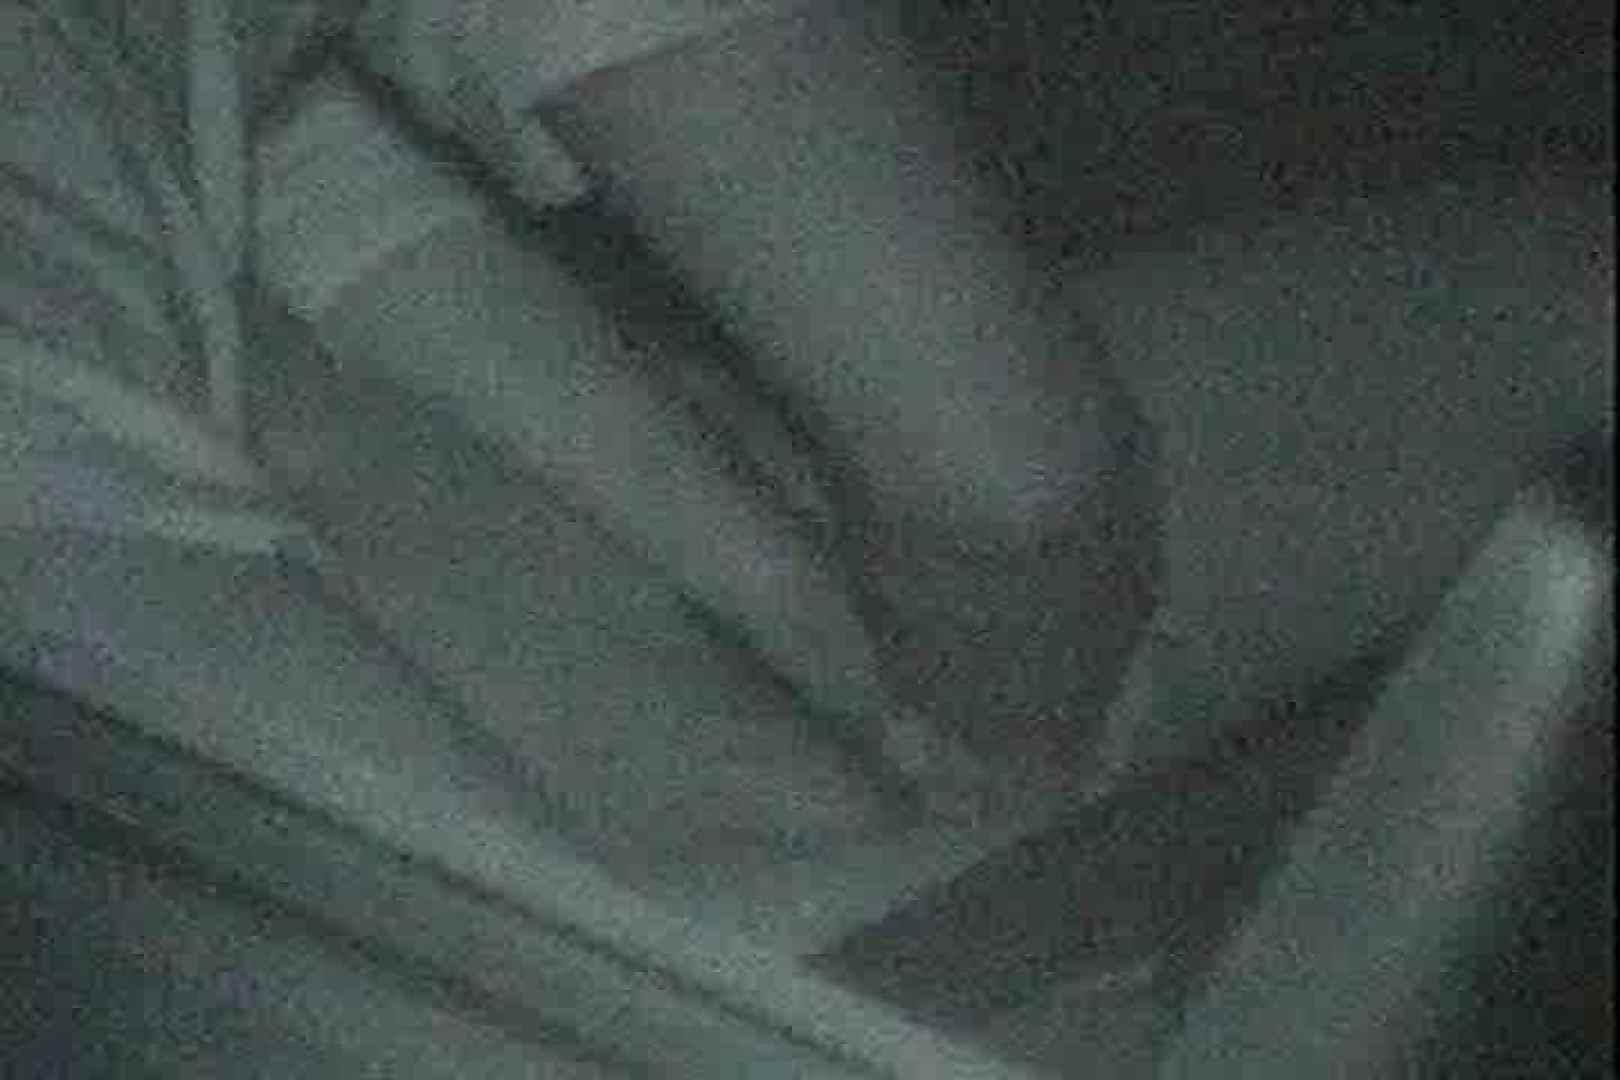 充血監督の深夜の運動会Vol.41 セックス ワレメ無修正動画無料 103PIX 11